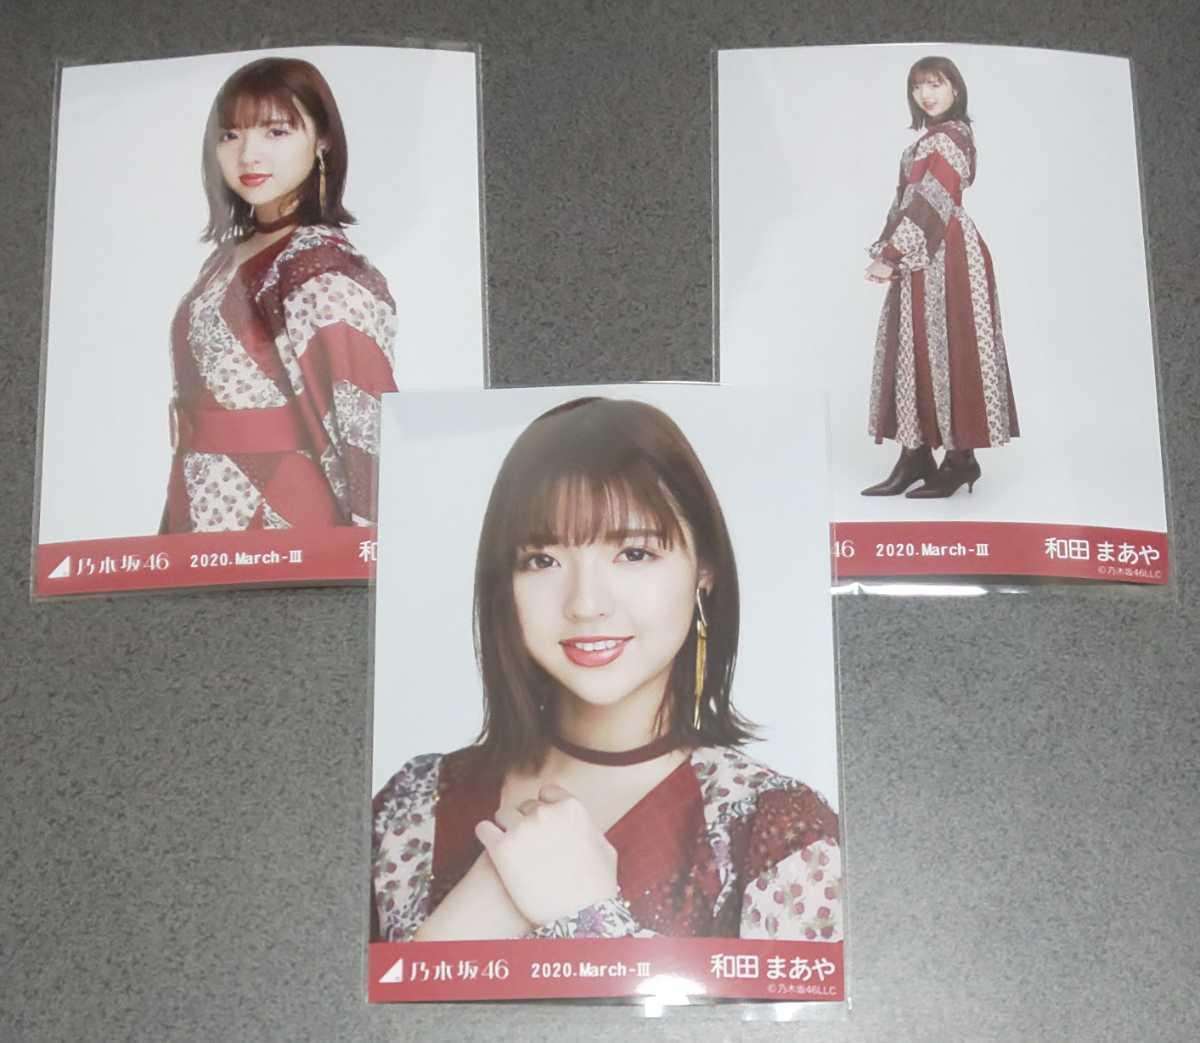 乃木坂46 和田まあや スペシャル衣装24 生写真 3種コンプ 2020.March-Ⅲ